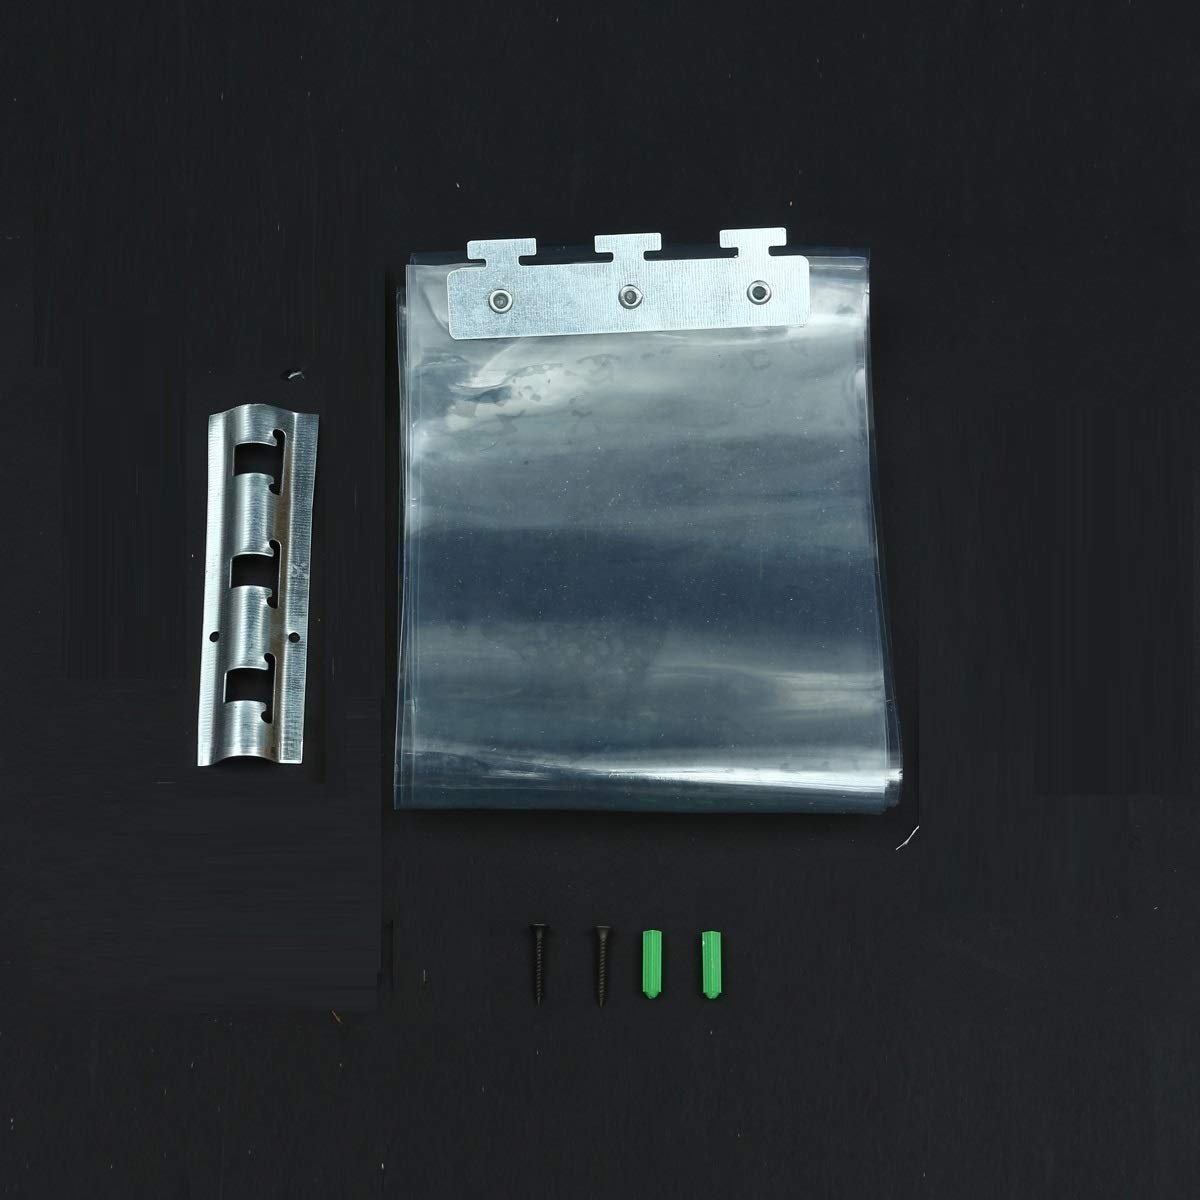 RanDal 200 * 18 * 0.1 Cm Pvc Tiras De Plástico Cortinas Congelador ...